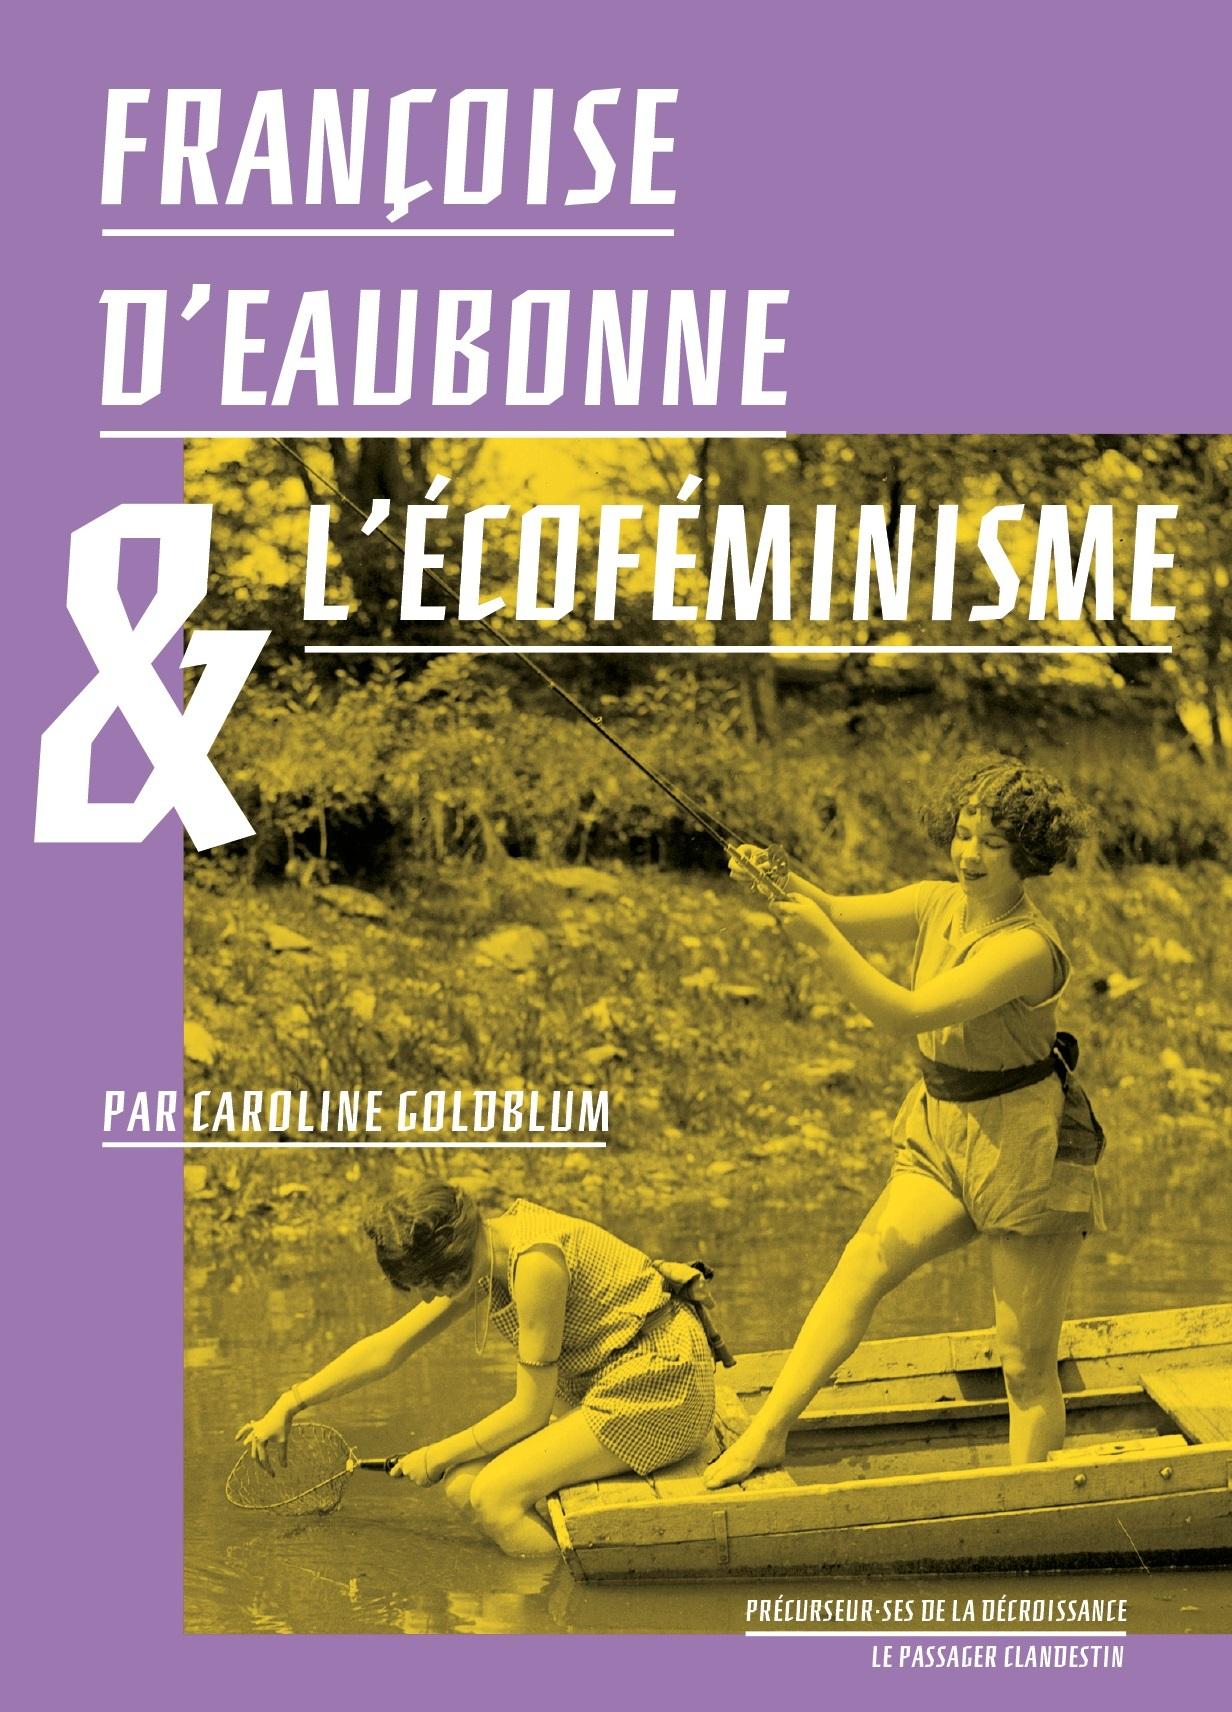 FRANCOISE D'EAUBONNE ET L'ECOFEMINISME